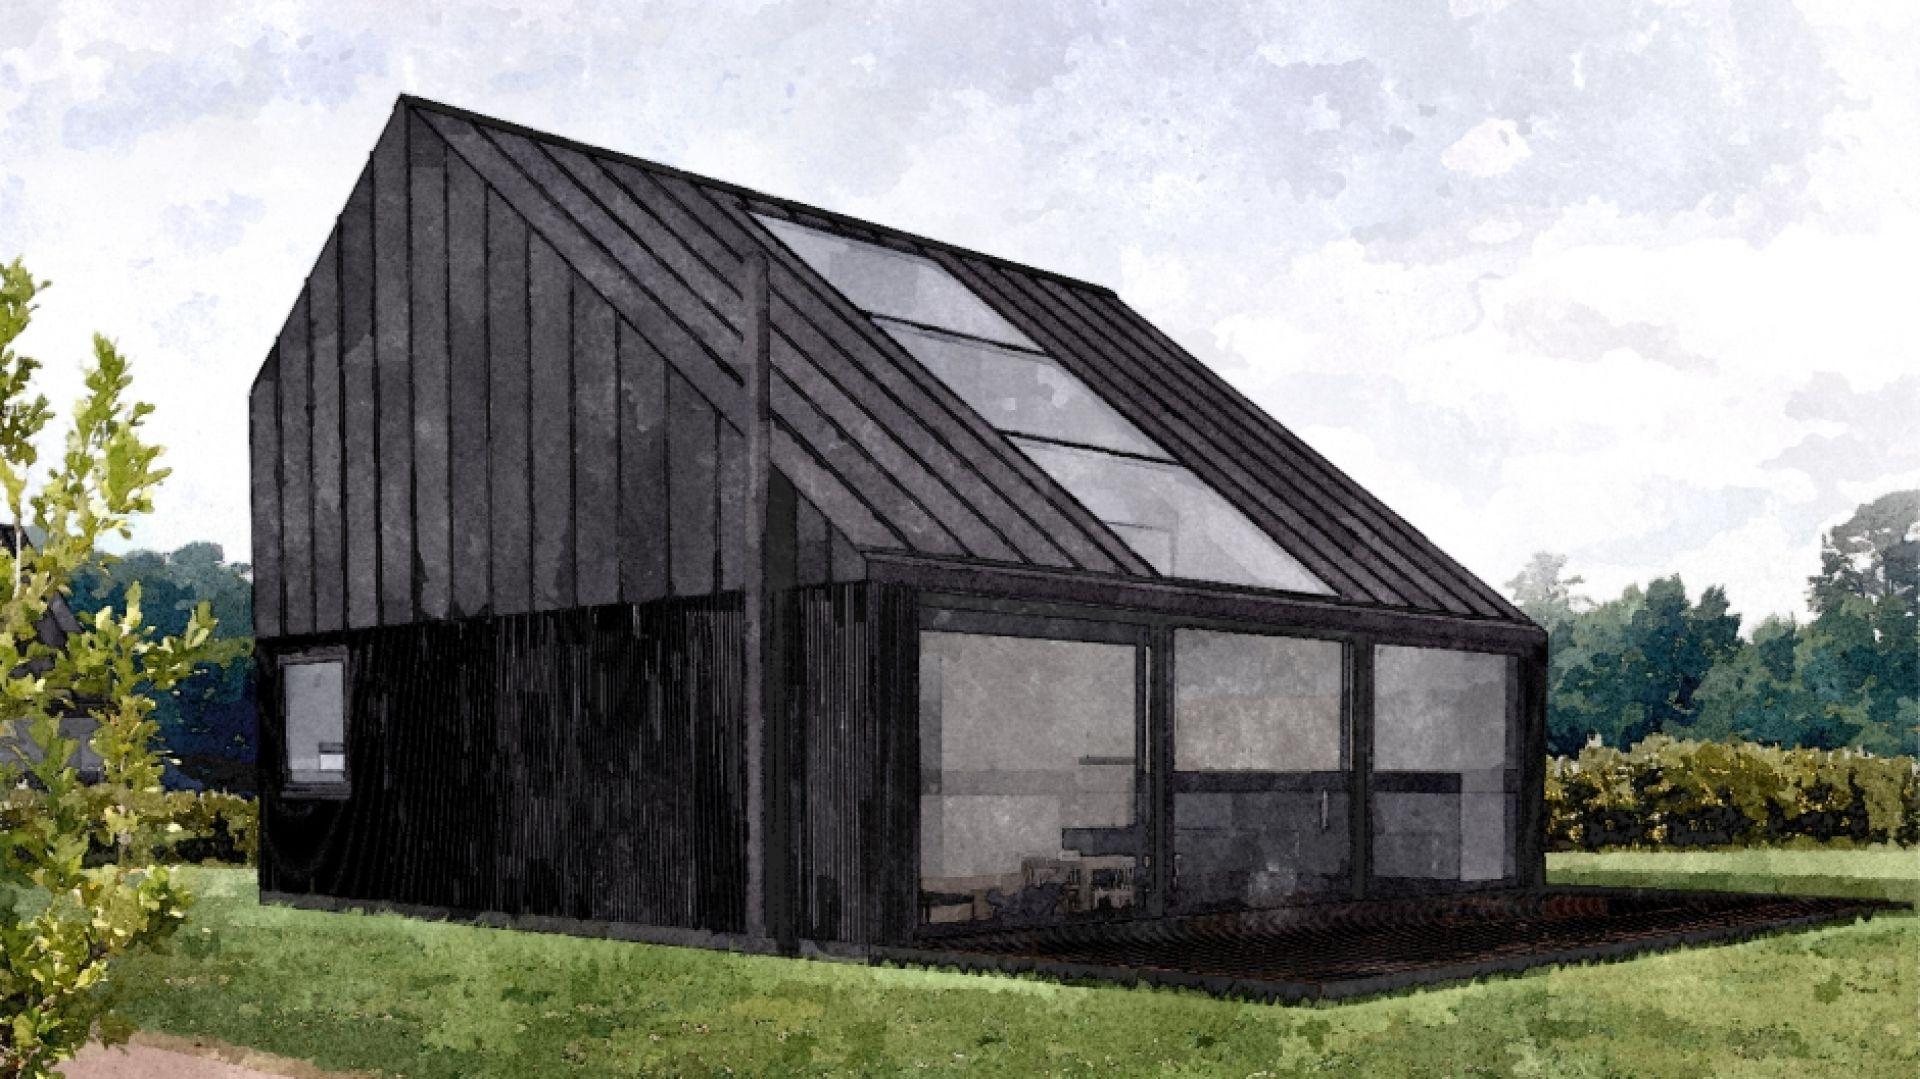 Forma budynku wynika z warunków zabudowy, które narzucają dach dwuspadowy. Fot. Malinowski Studio